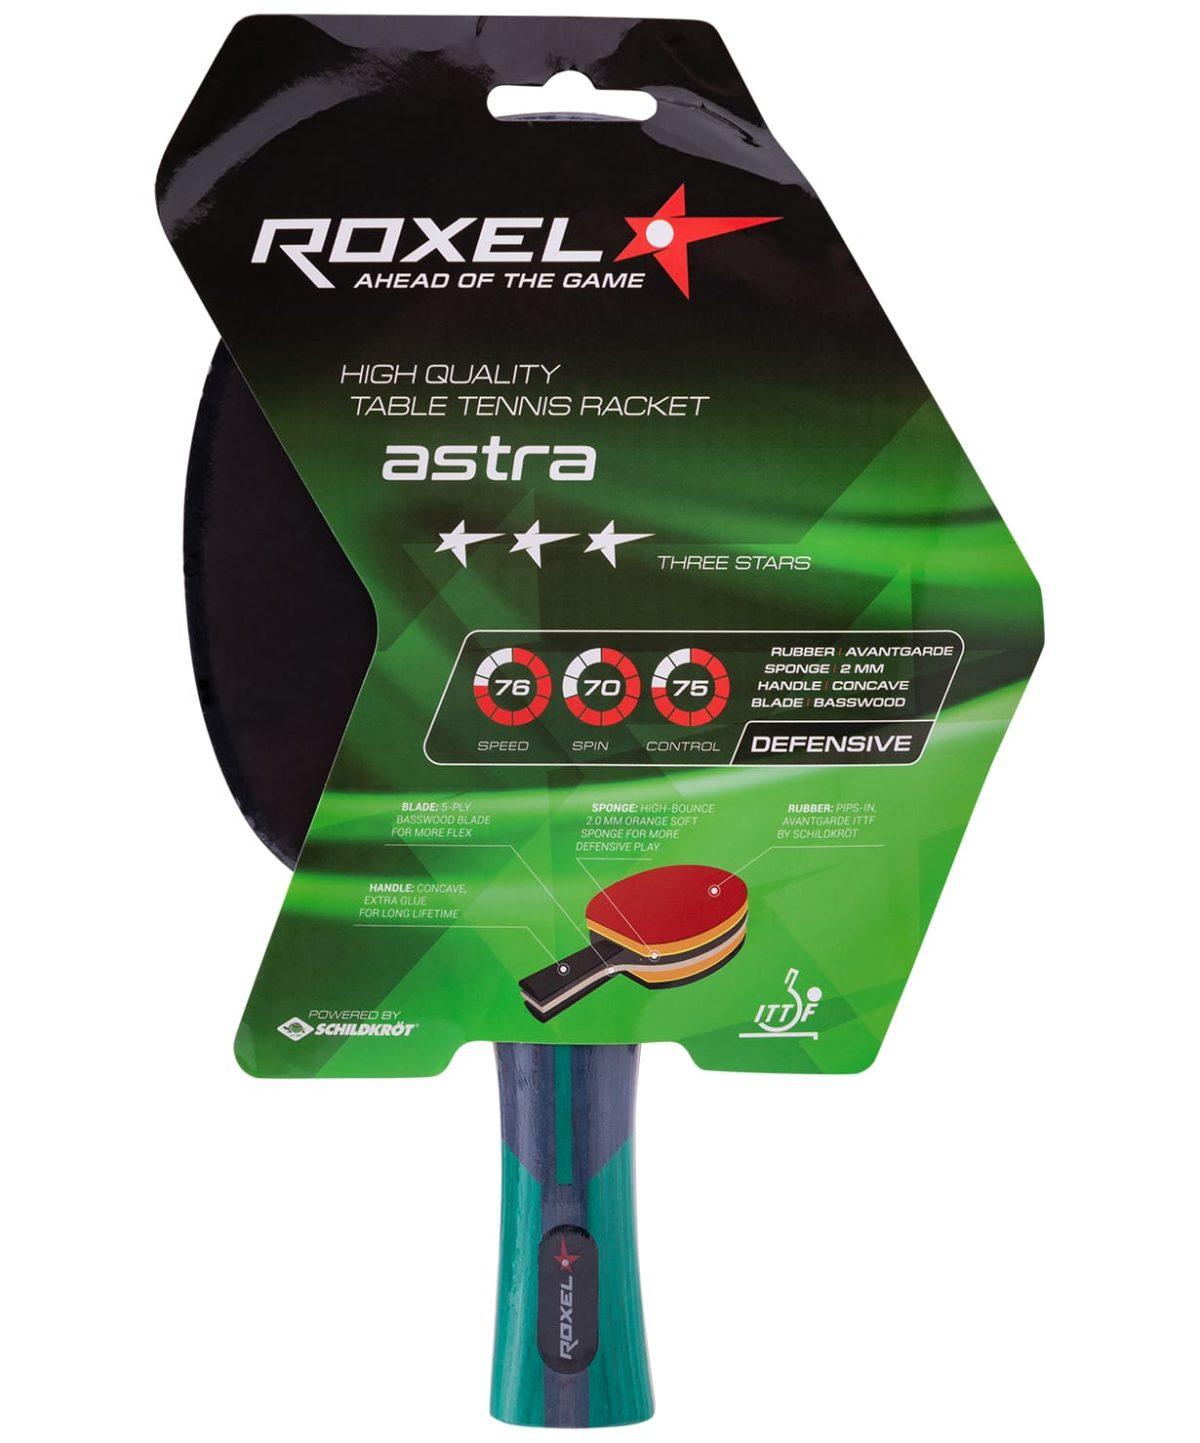 ROXEL 3* Astra Ракетка для настольного тенниса, коническая  15357 - 1